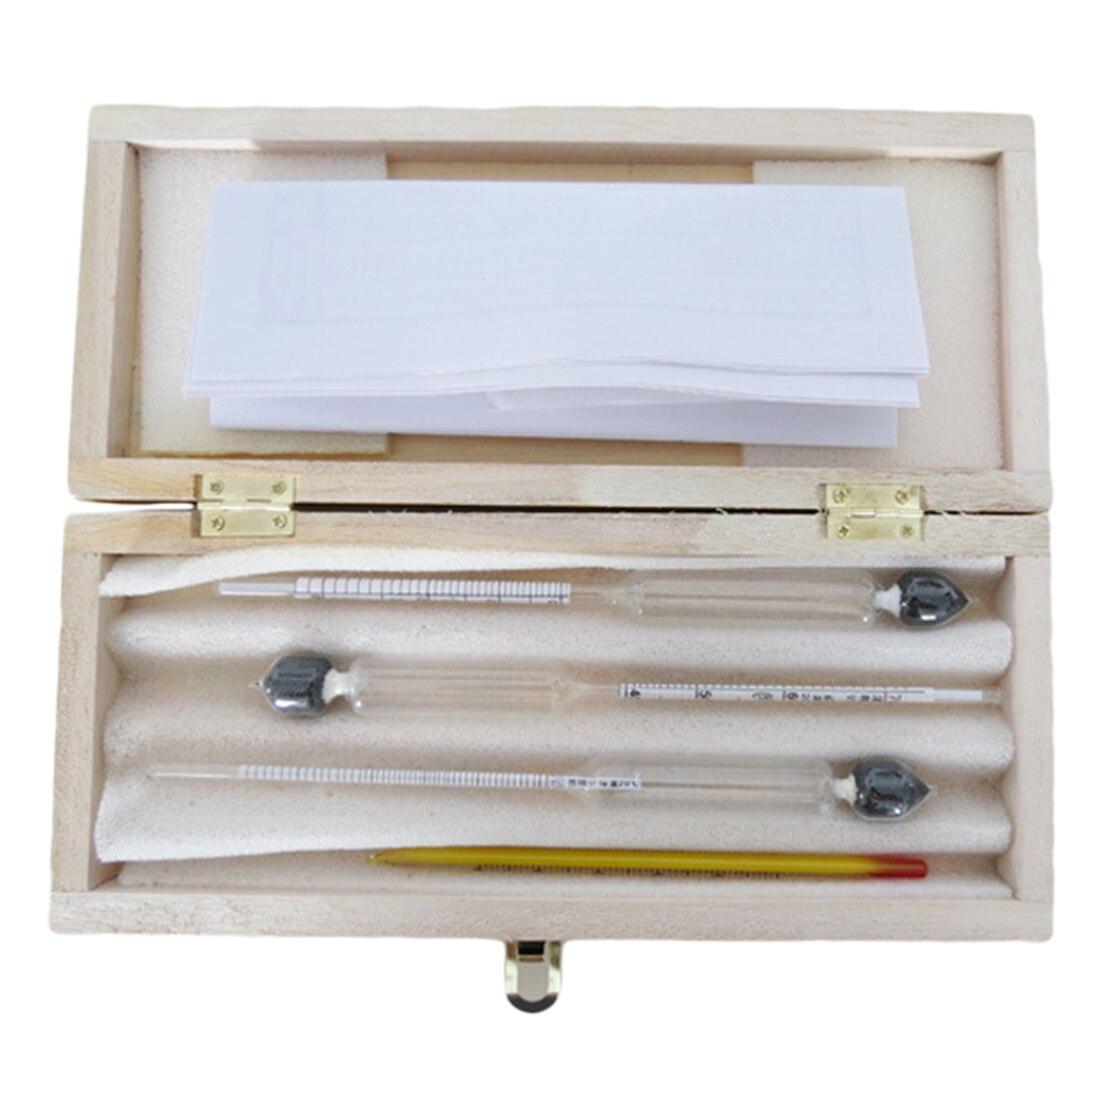 3 unids/set alcoholímetro vino metros Alcohol concentración Alcohol medidor herramienta de medición instrumento hidrómetro probador